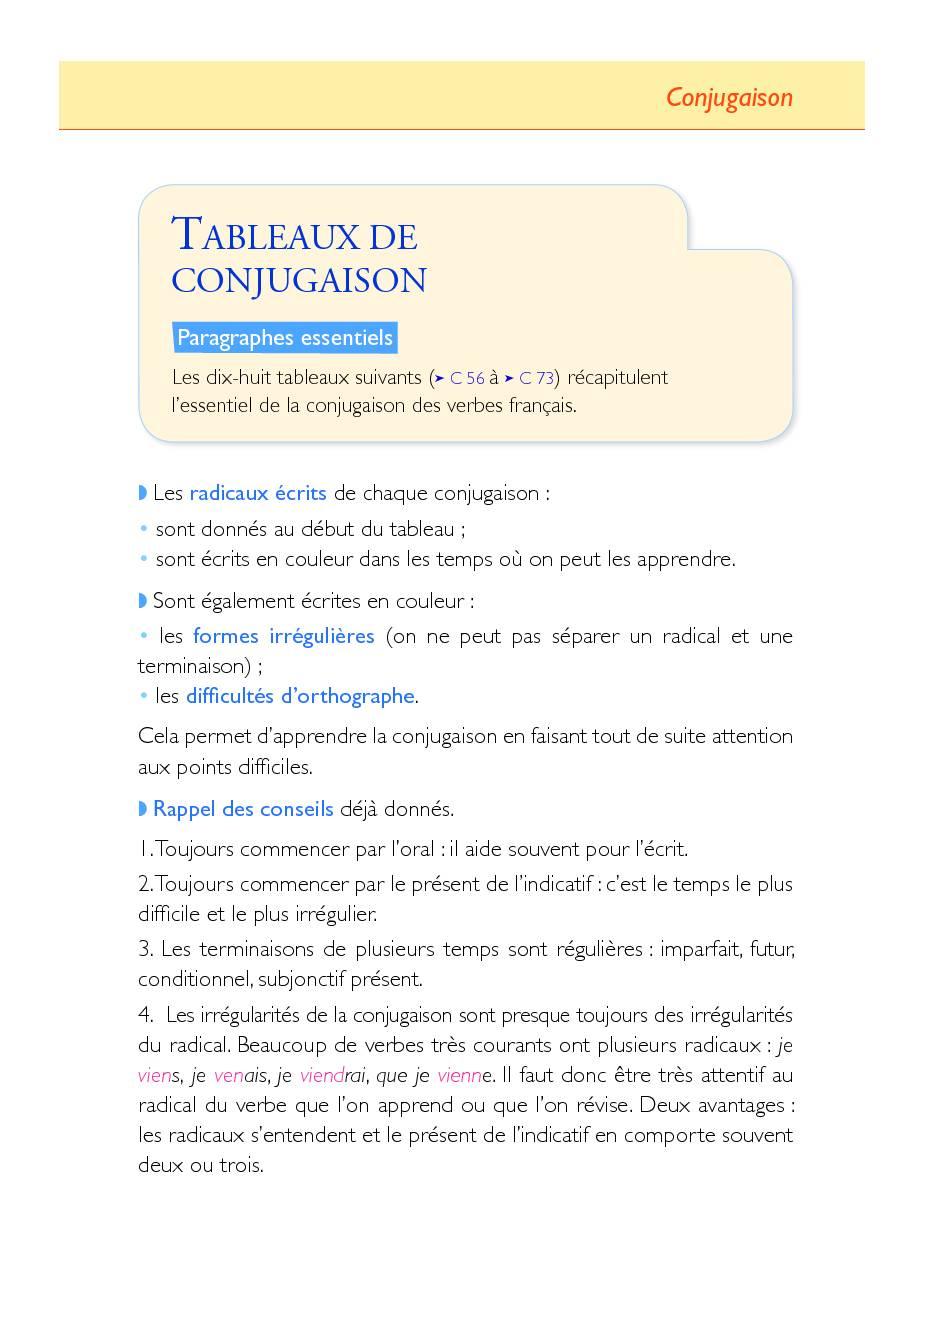 l'essentiel de la conjugaison des verbes Français